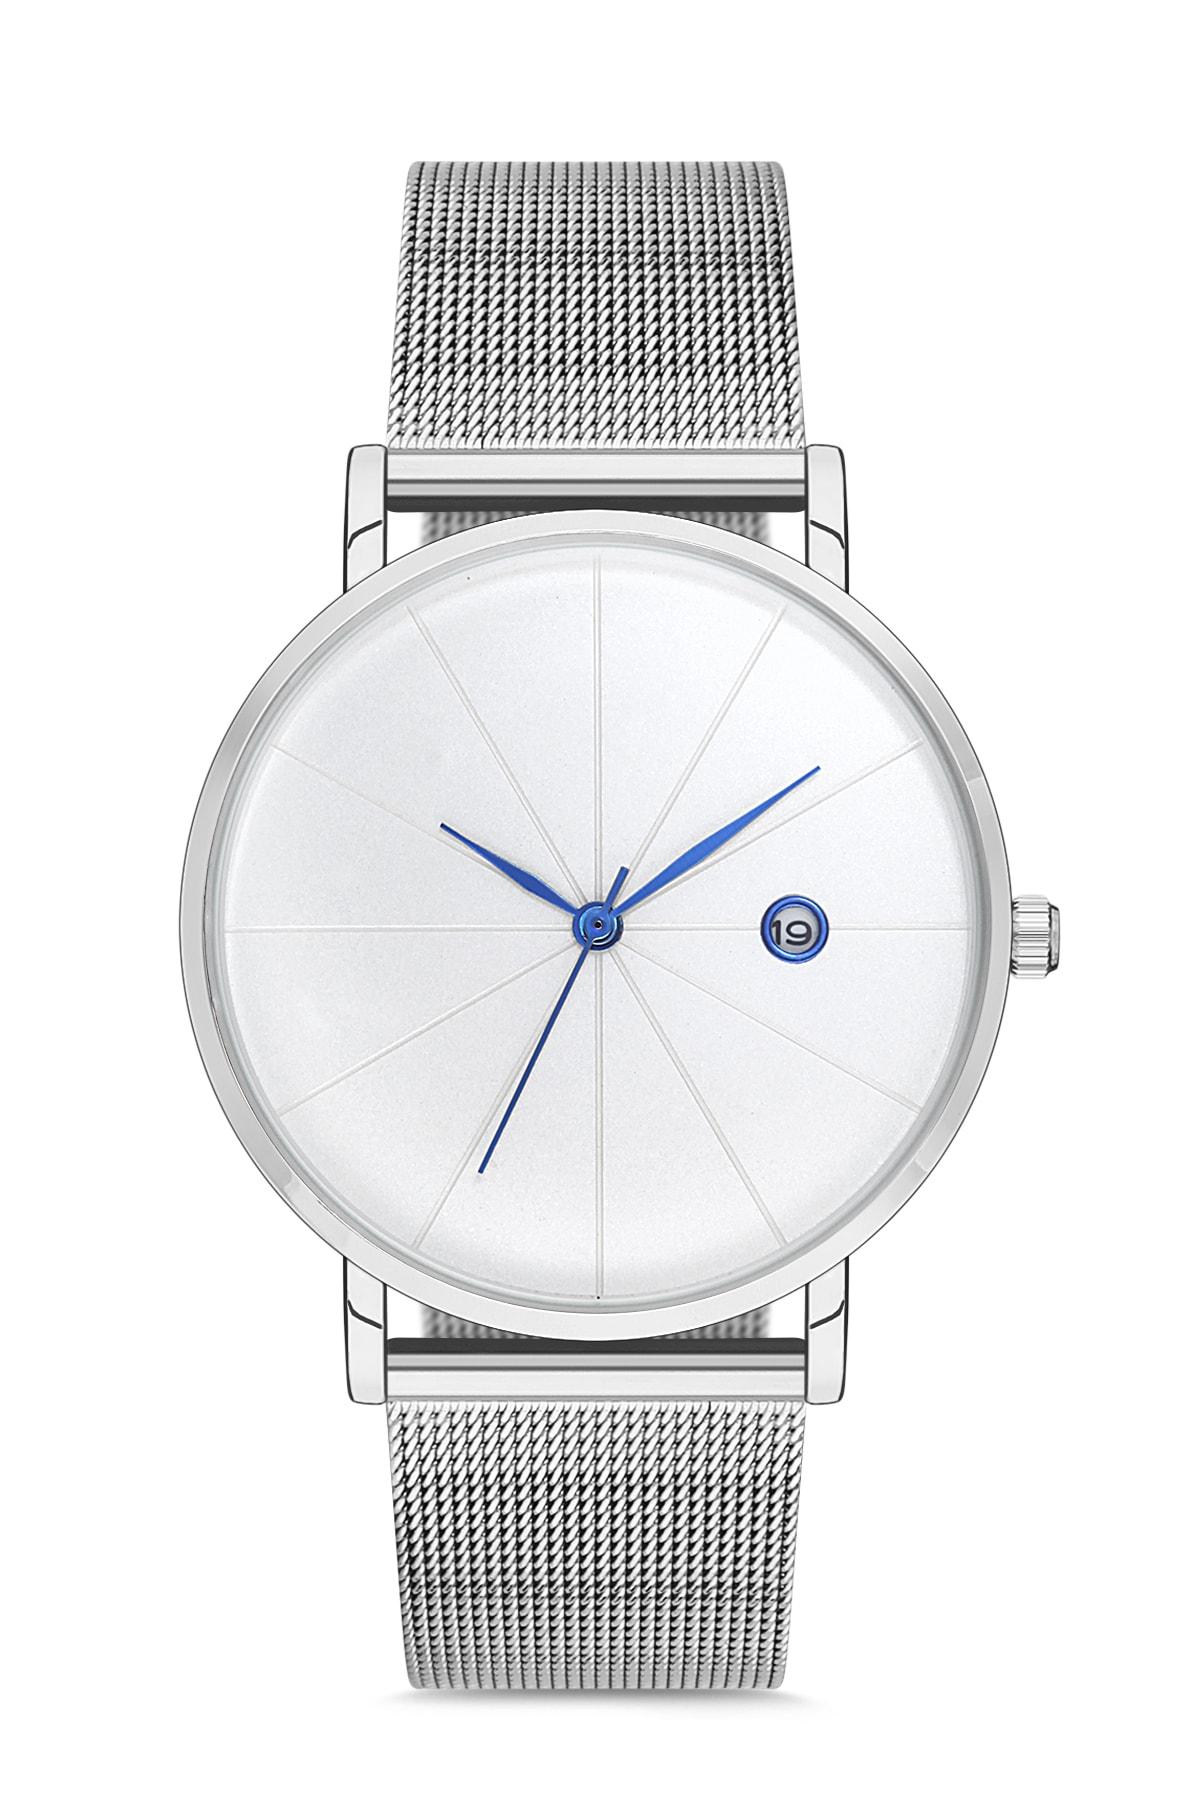 Reloj de pulsera Unisex de paja, reloj de pulsera original, color gris y azul, APL12C195H02